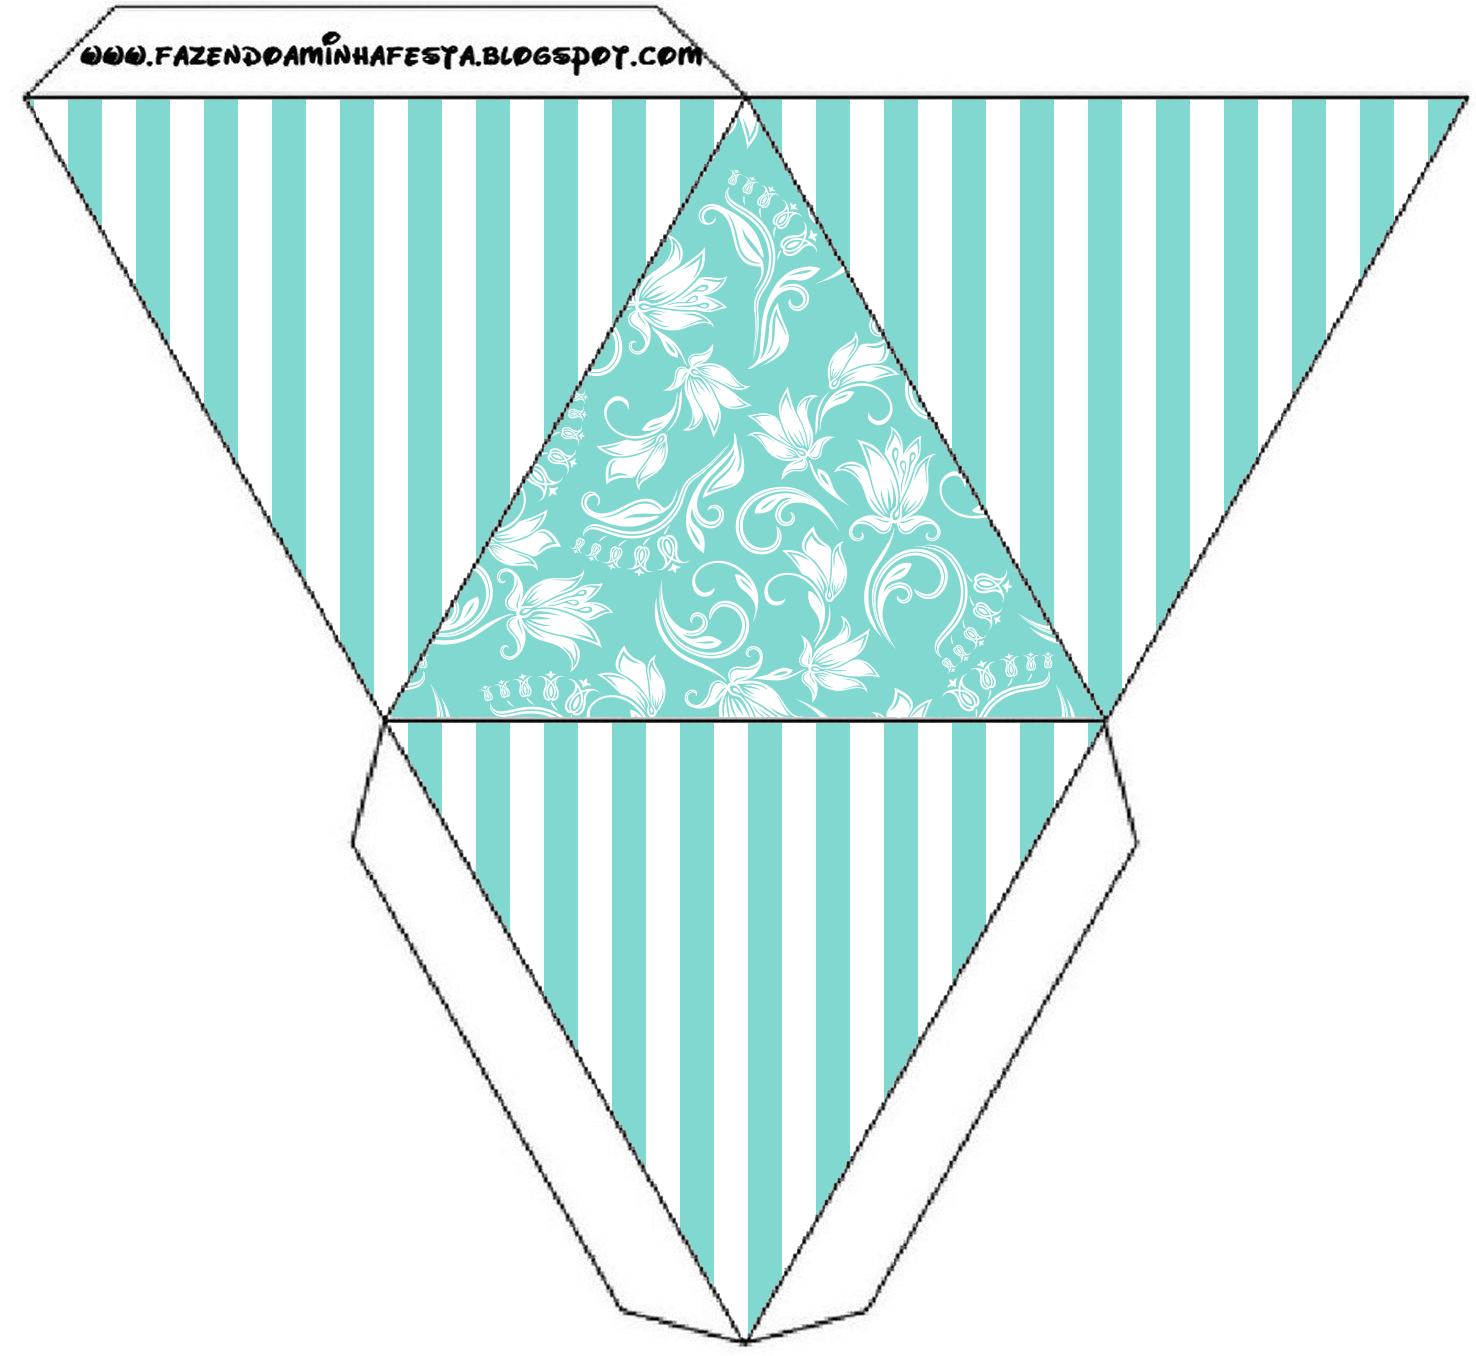 Kit Azul Tiffany Fazendo A Nossa Festa 84 Jpg Car Interior Design #309B91 1476 1356